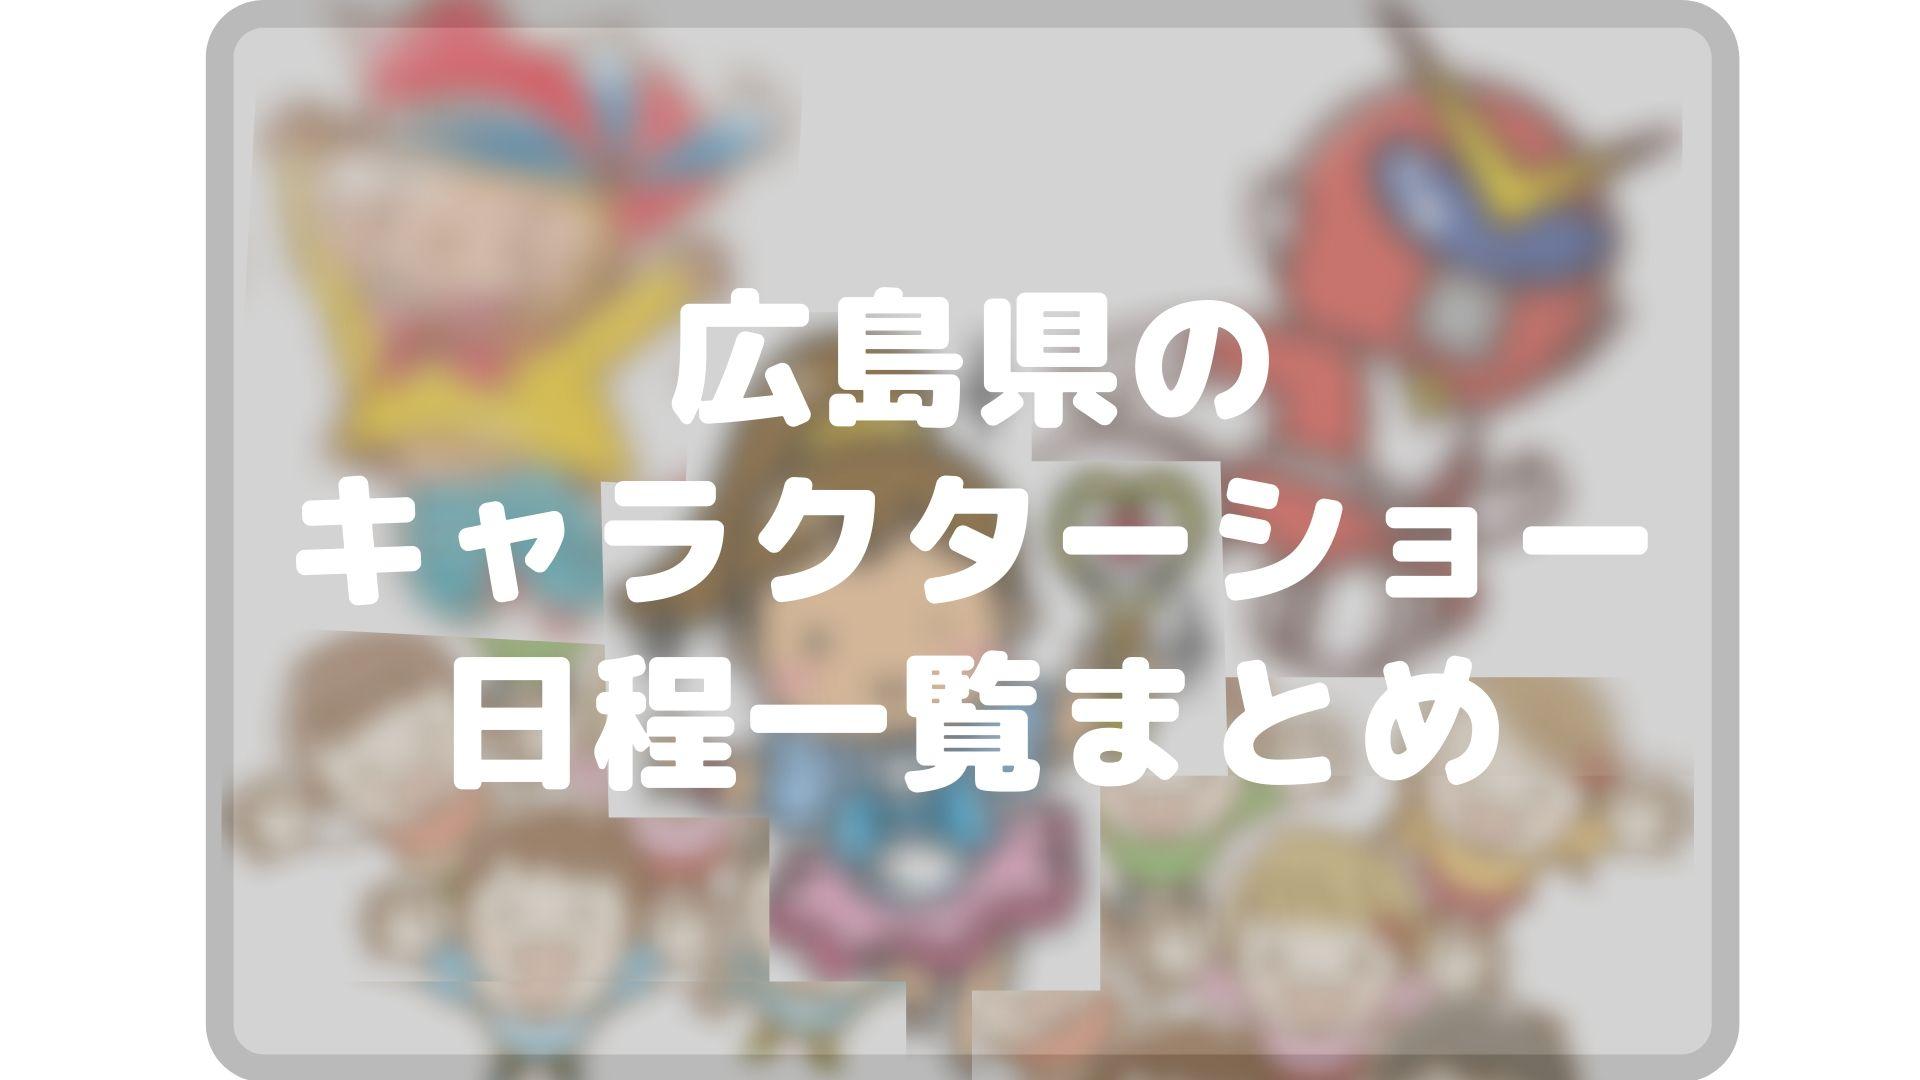 広島県のキャラクターショーまとめタイトル画像